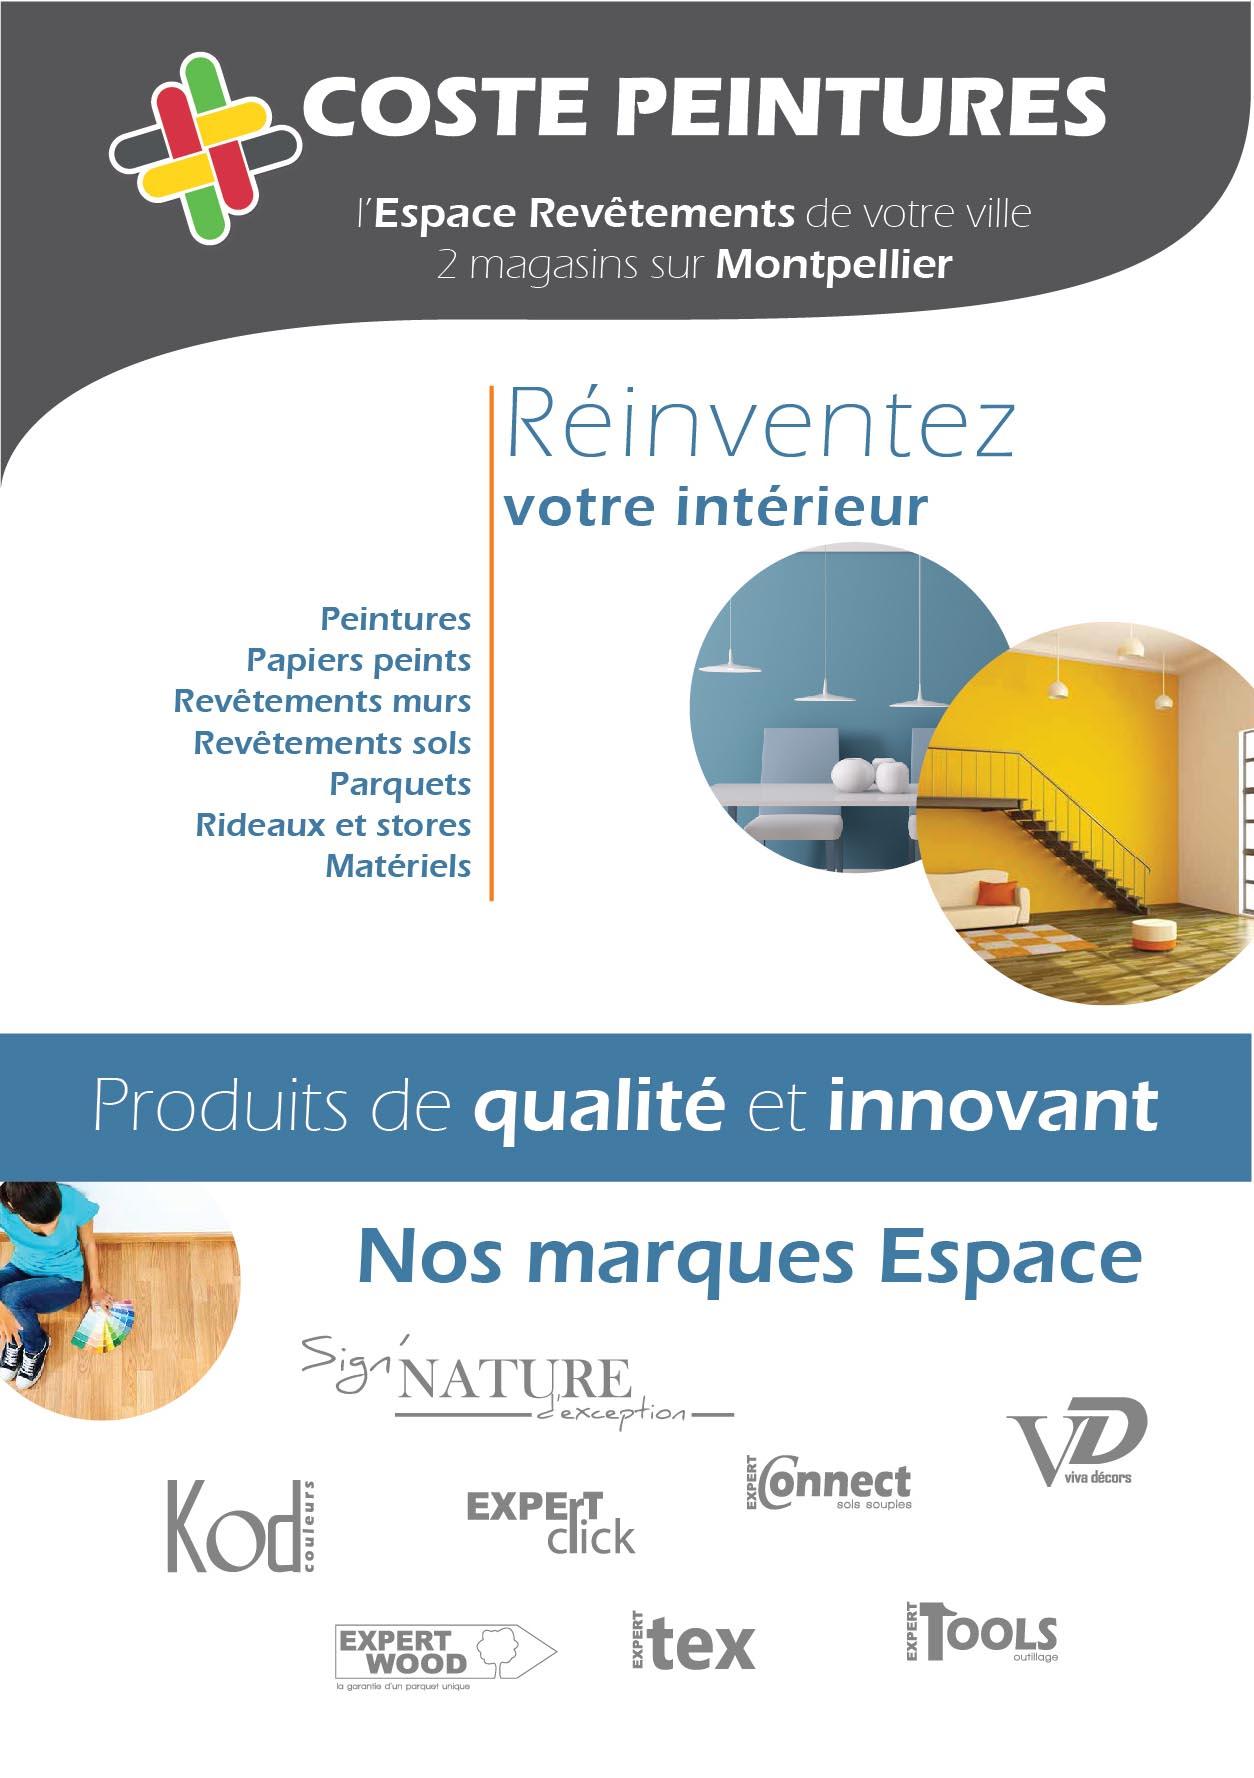 Coste Peintures : 2 magasins sur Montpellier - MaComm